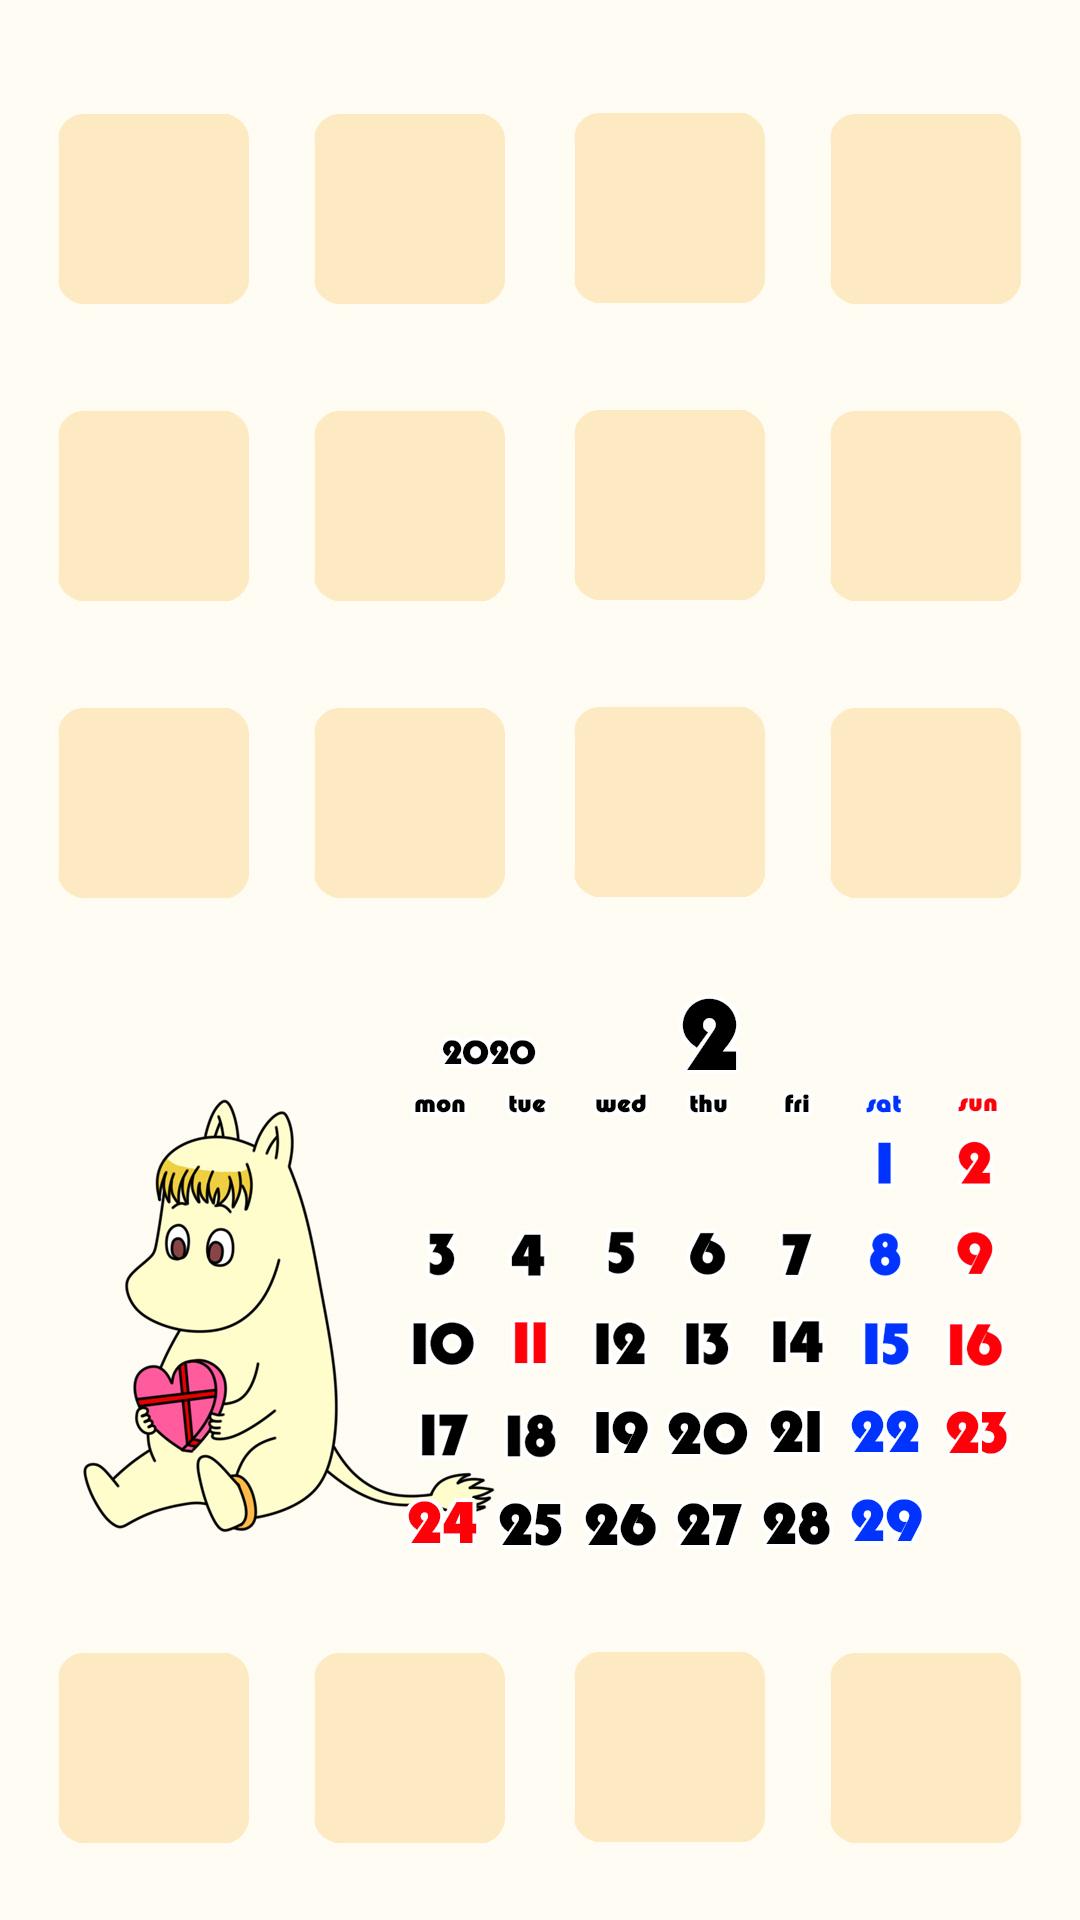 待ち受けカレンダー スマホ壁紙 ムーミン iPhone用 月曜始まり 2020年2月